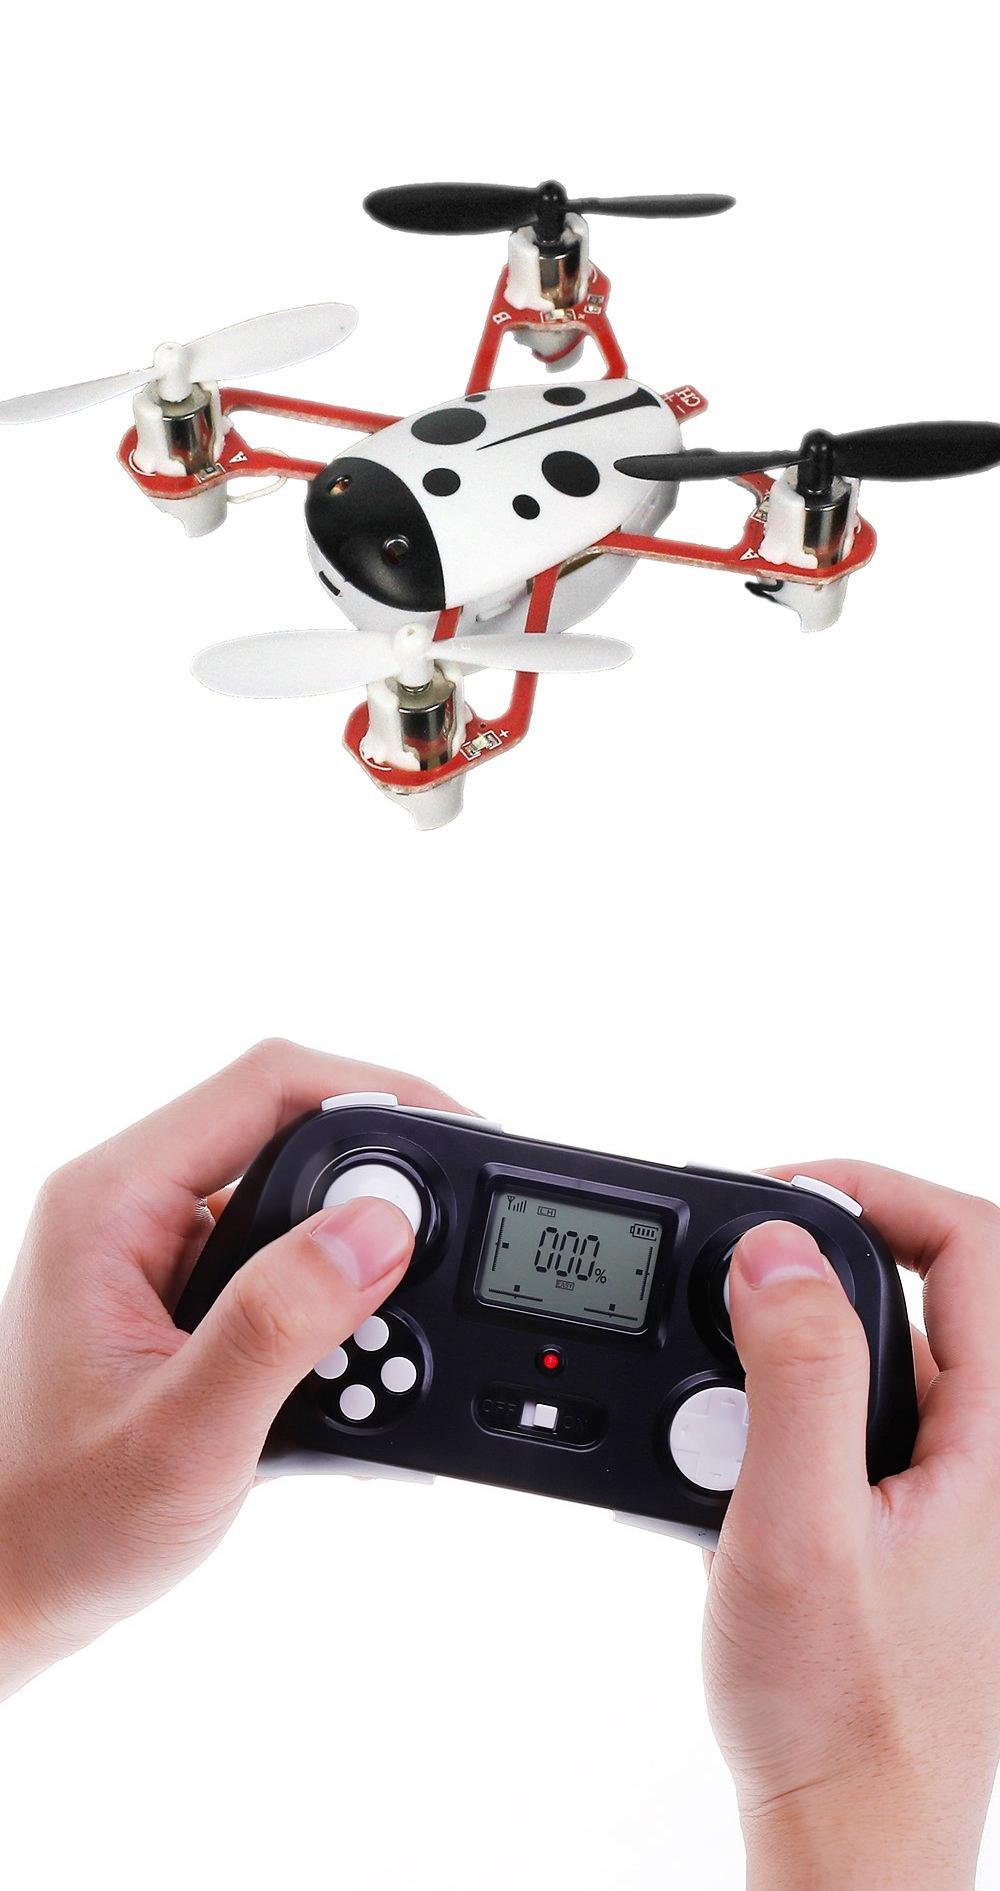 Cheerwing® CHEER Remote Control Mini UFO Drone